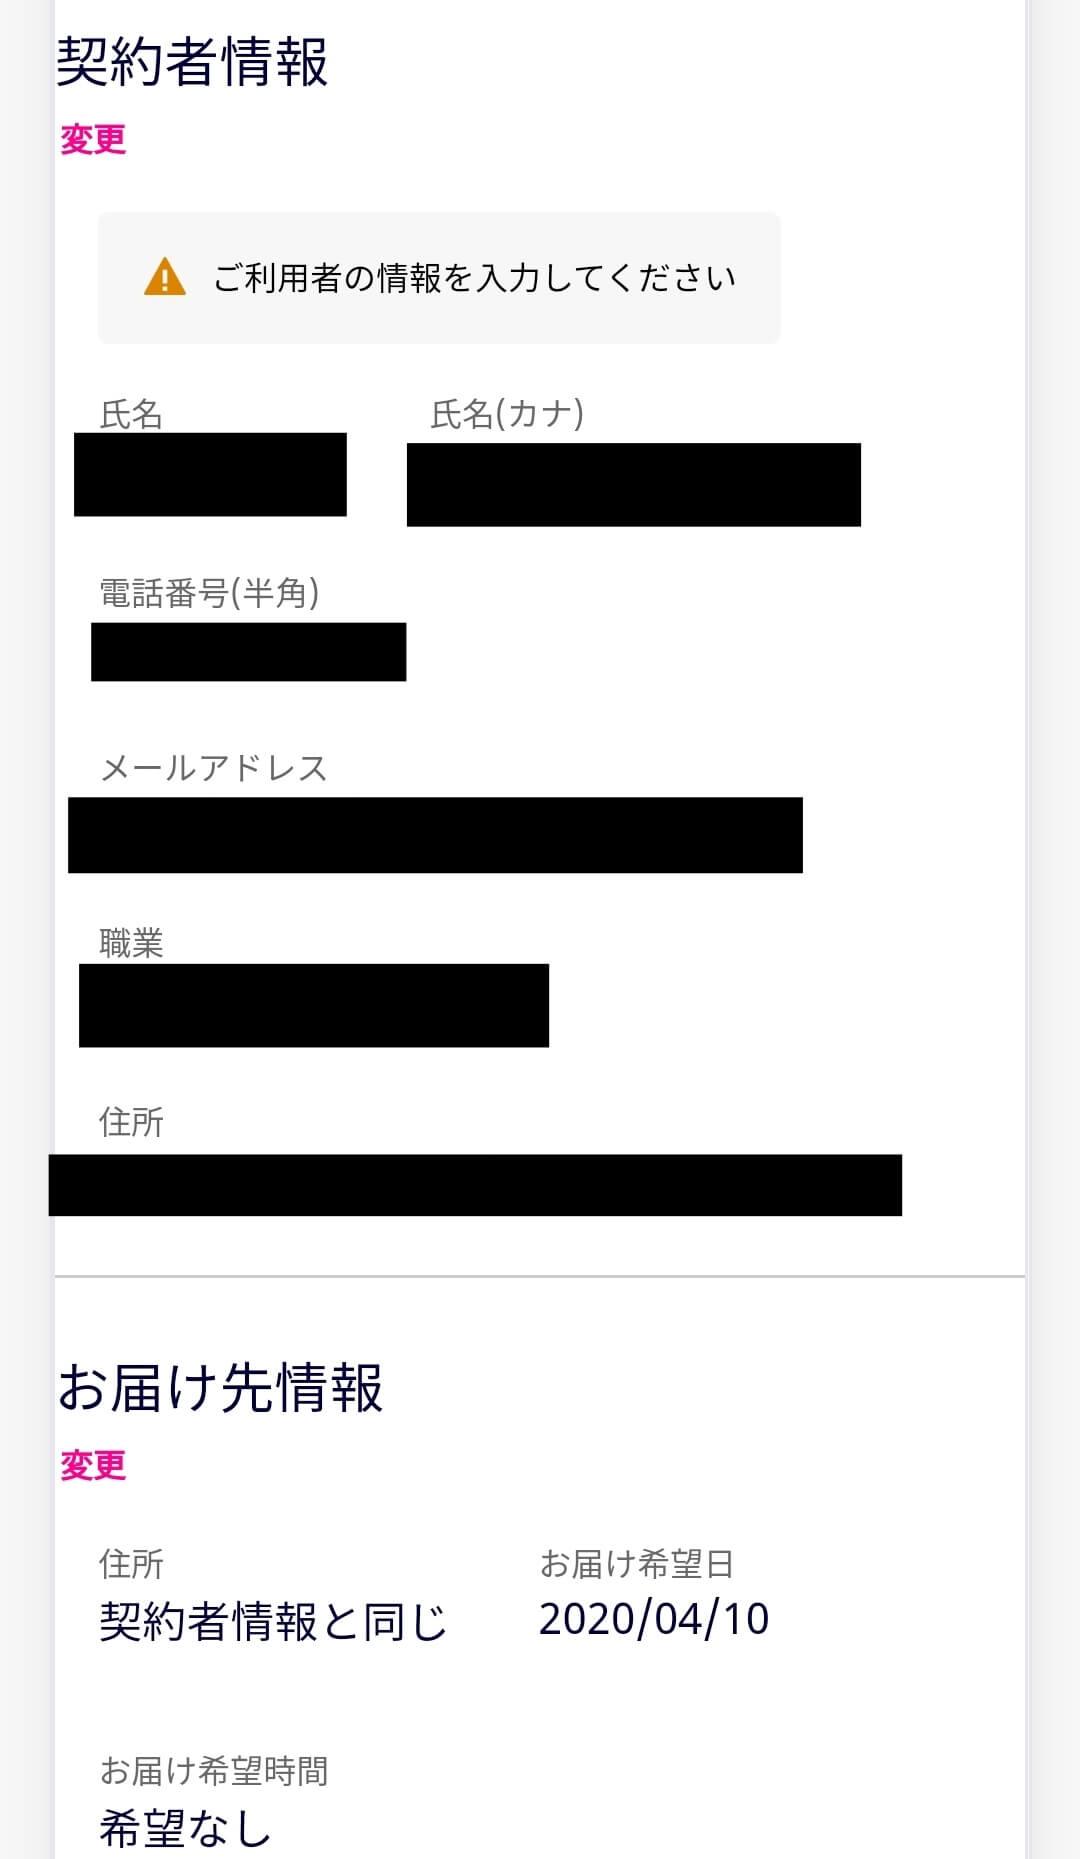 楽天モバイルの契約者情報